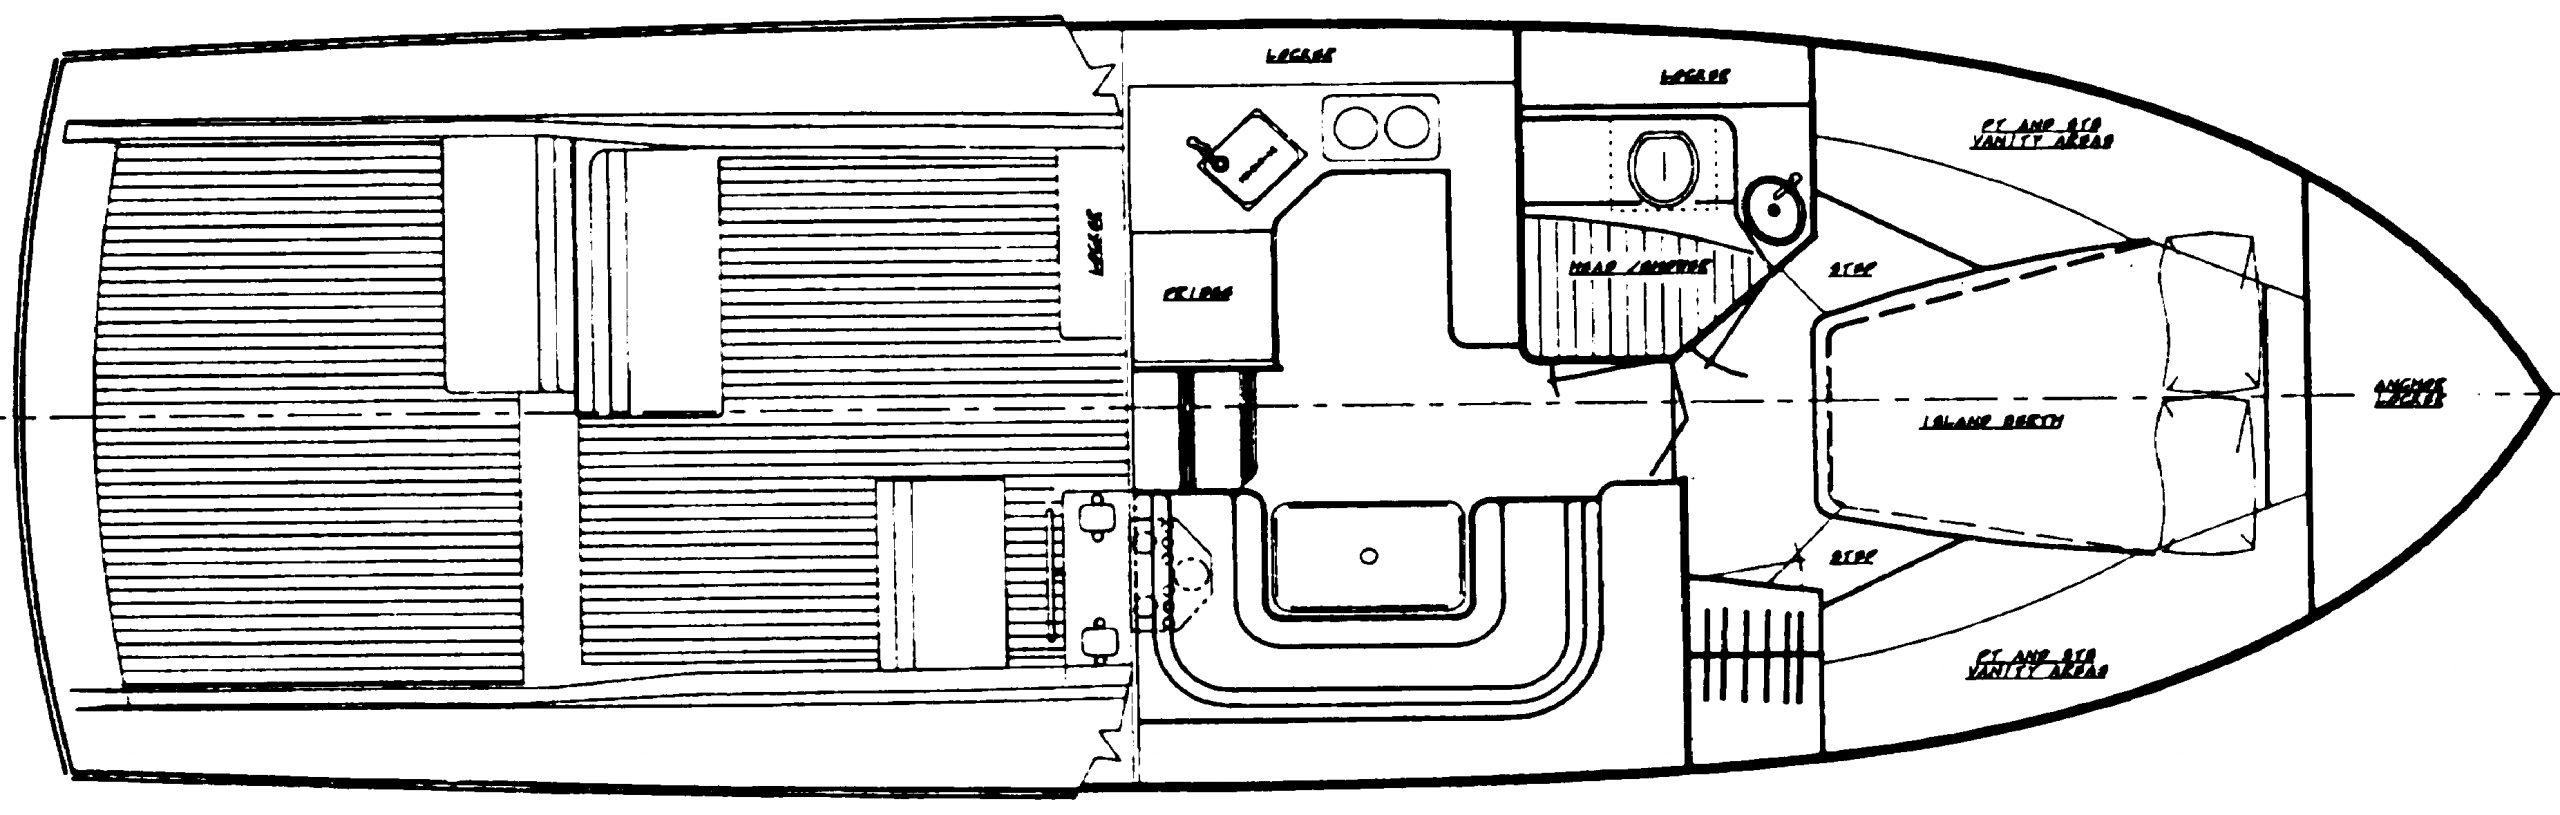 36 Express Floor Plan 1